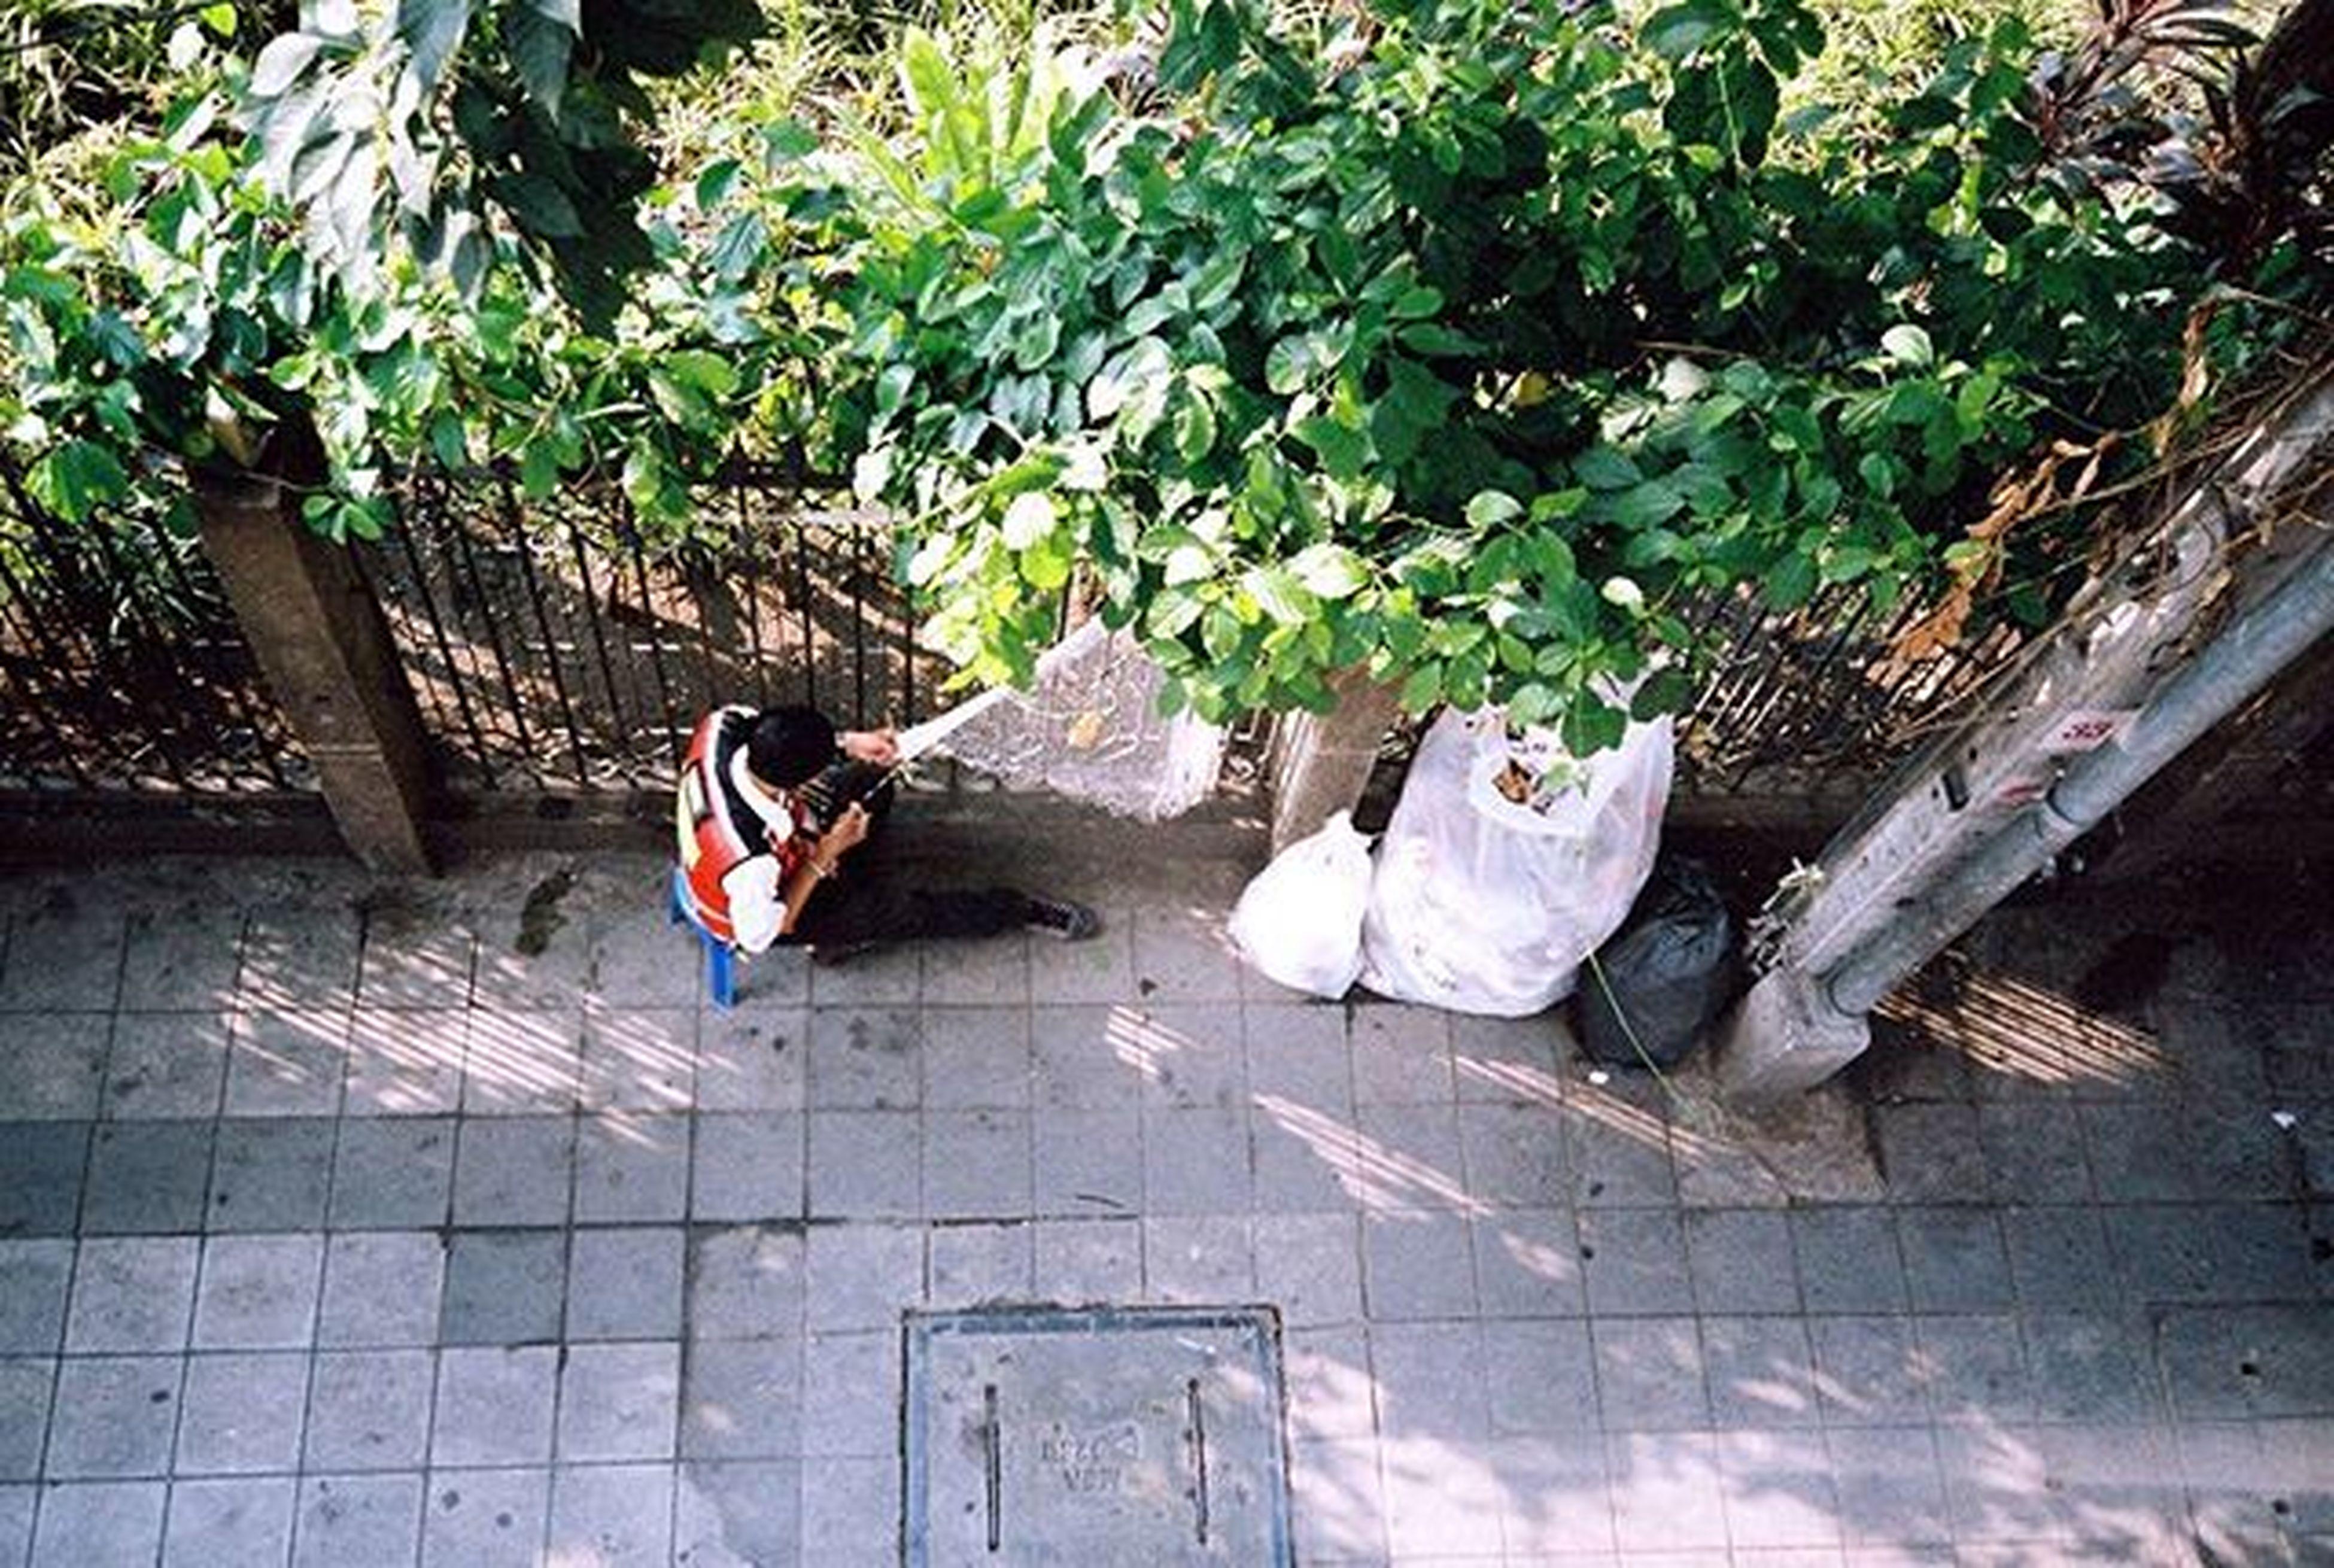 """"""" อย่าปล่อยเวลาว่างให้เปล่าประโยชน์ """" Camera : Leica mini Film : Agfa Vista Plus 400 BTSหมอชิต Bangkok Thailand Afterzero Leica Leicamini Filmphotography Filmisnotdead Ishootfilm Iusefilm Agfa Vista400 AgfaVista Film 35mm Analog Buyfilmnotmegapixels"""